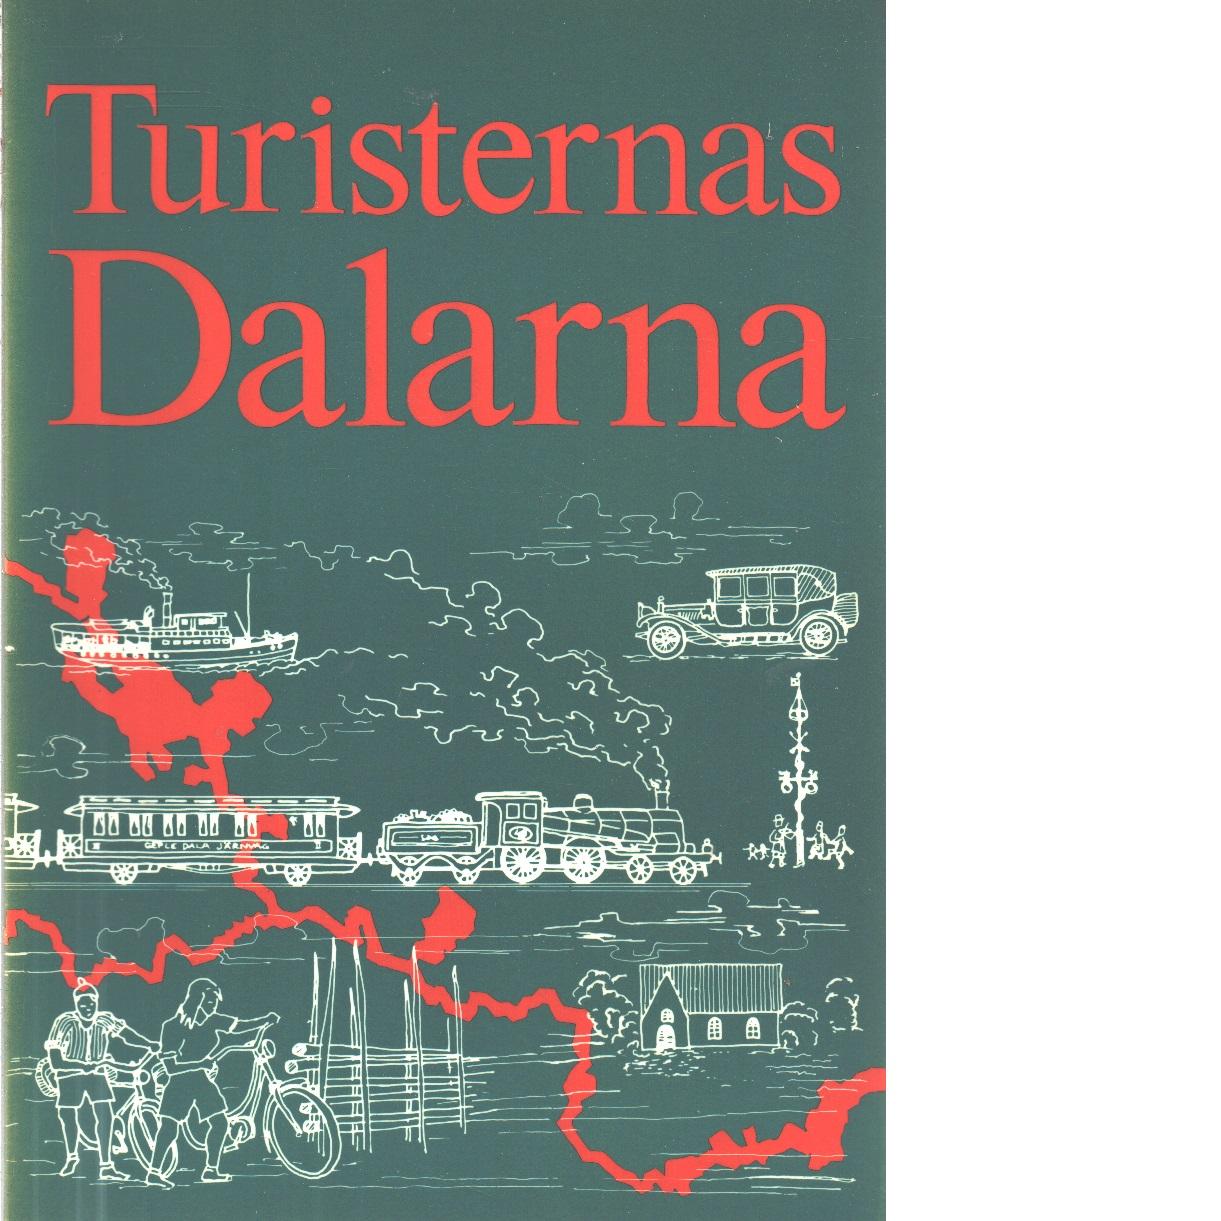 Turisternas Dalarna  Dalarnas hembygdsbok 1976 - Red. Rosander, Göran